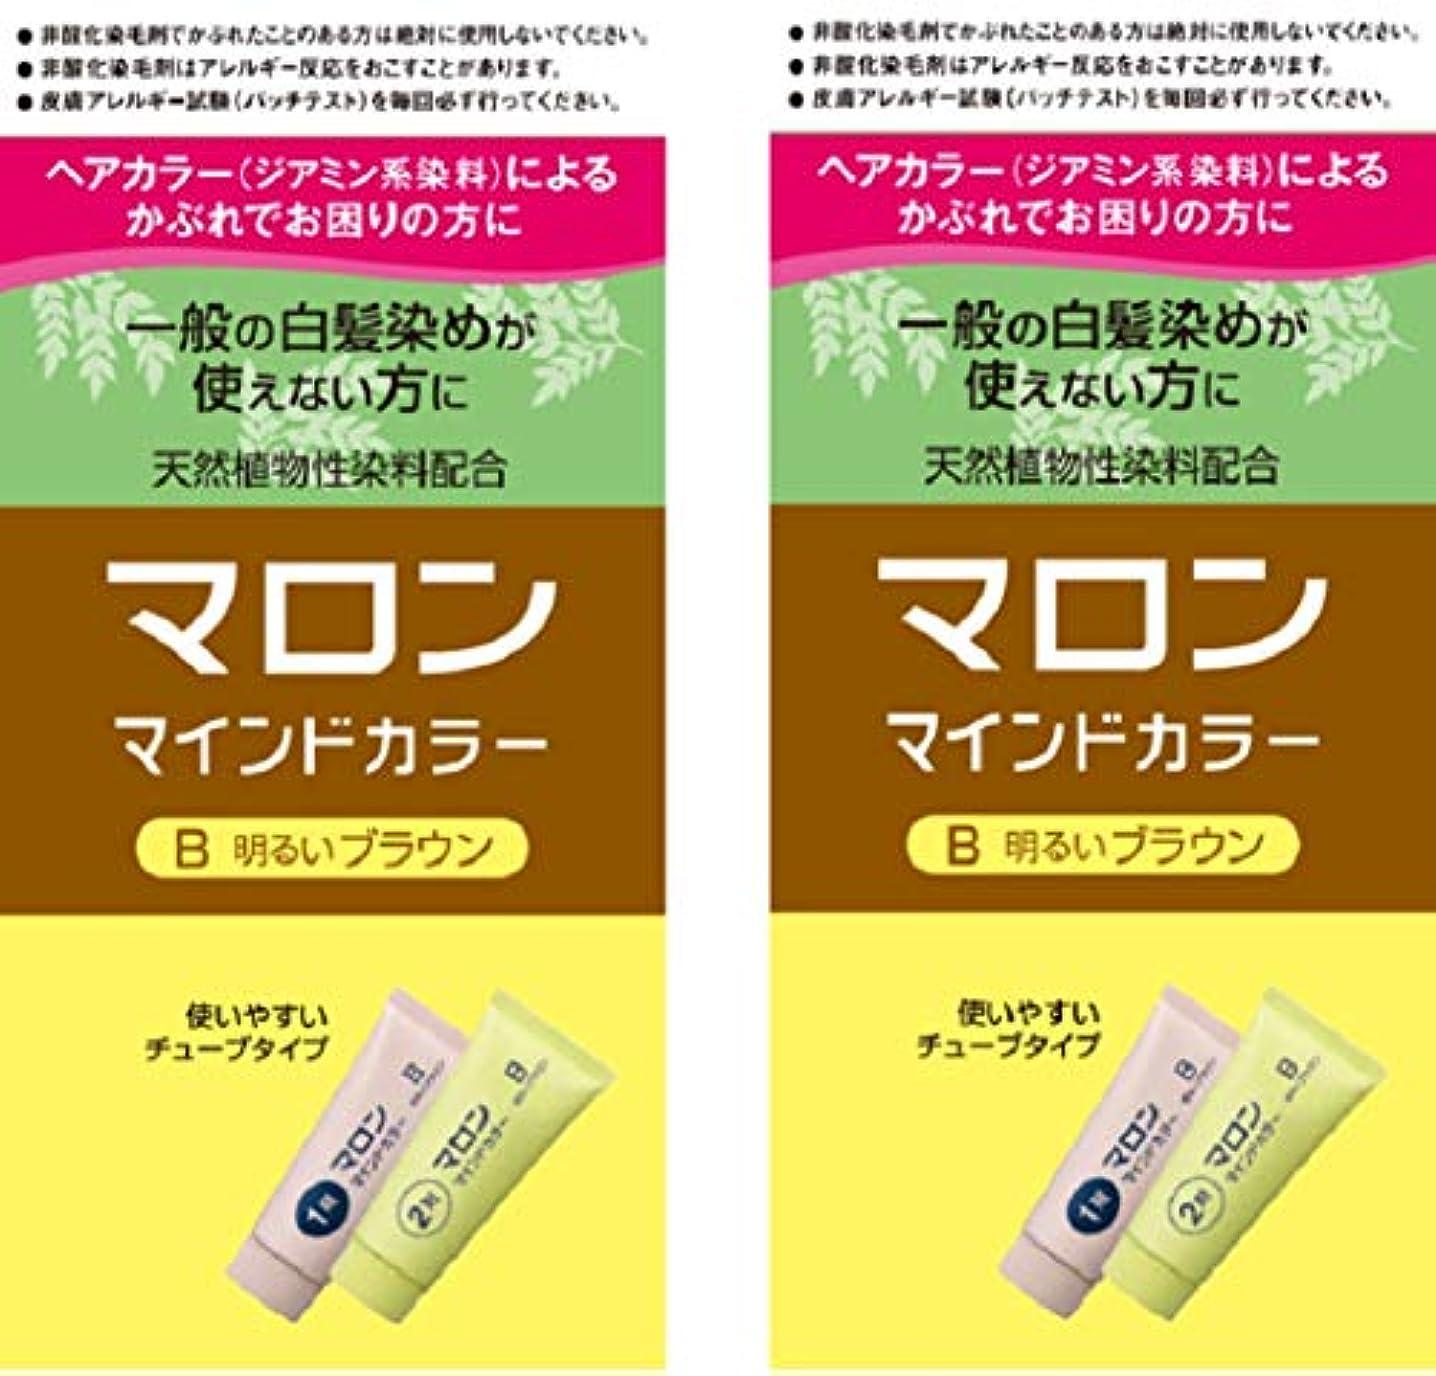 整理する遺伝的ストロー【Amazon.co.jp限定】 マロンマインドカラーB明るいブラウン 2個パックおまけ付き[医薬部外品] ヘアカラー セット (70g+70g)×2+おまけ